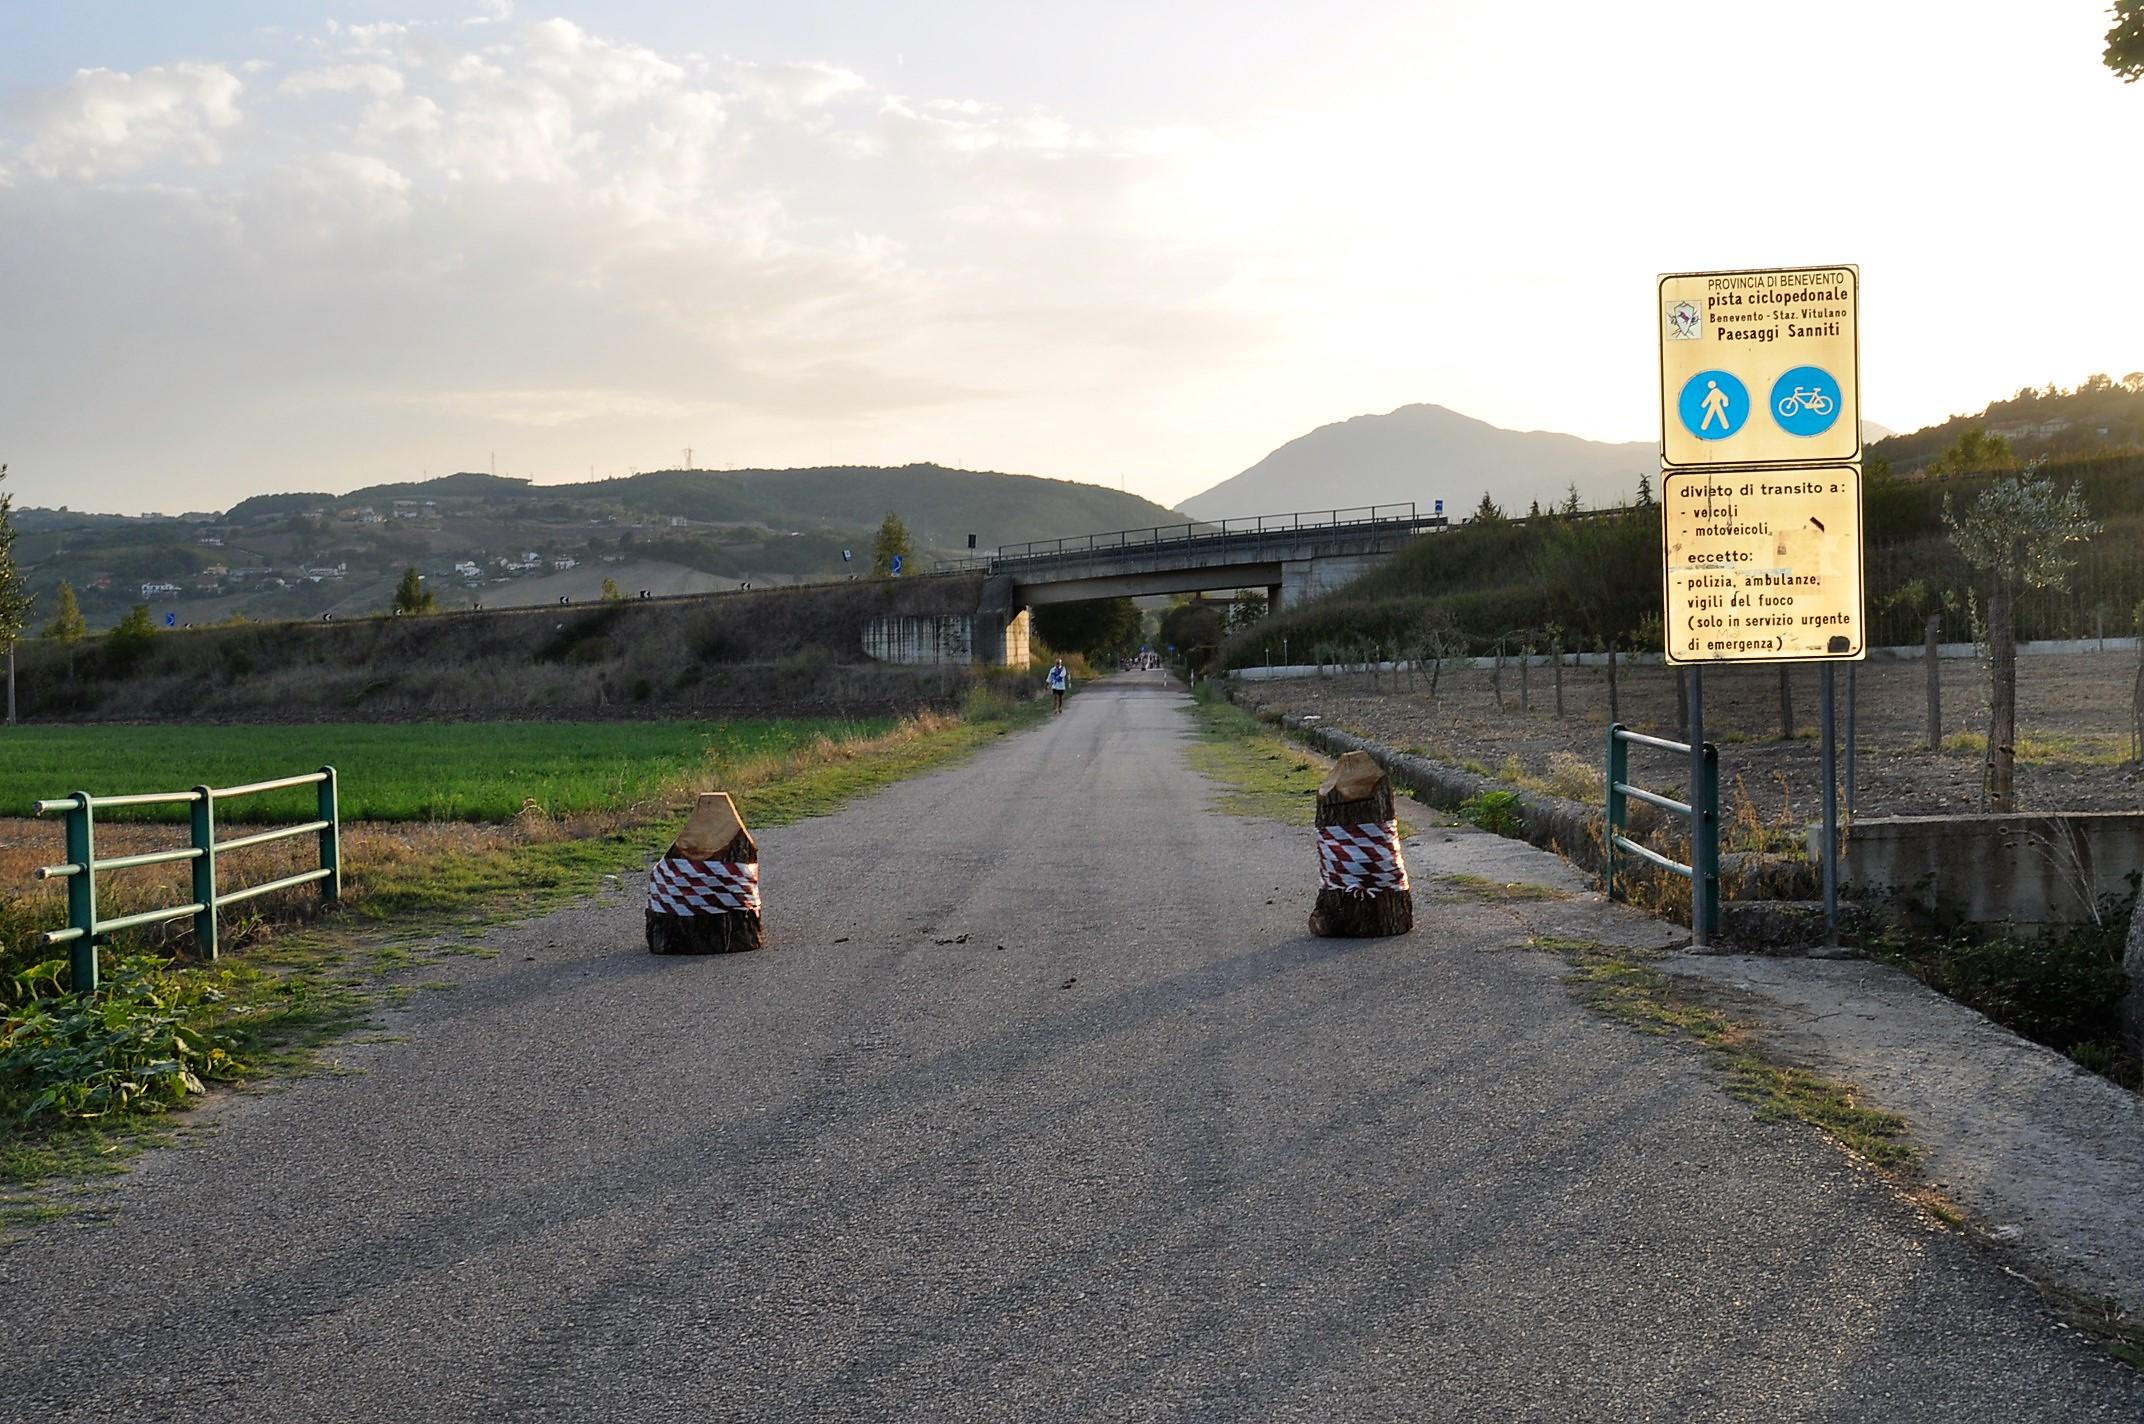 Rimosso dissuasore di transito lungo la ciclopedonale Paesaggi sanniti. Ricci: Indescrivibile indignazione